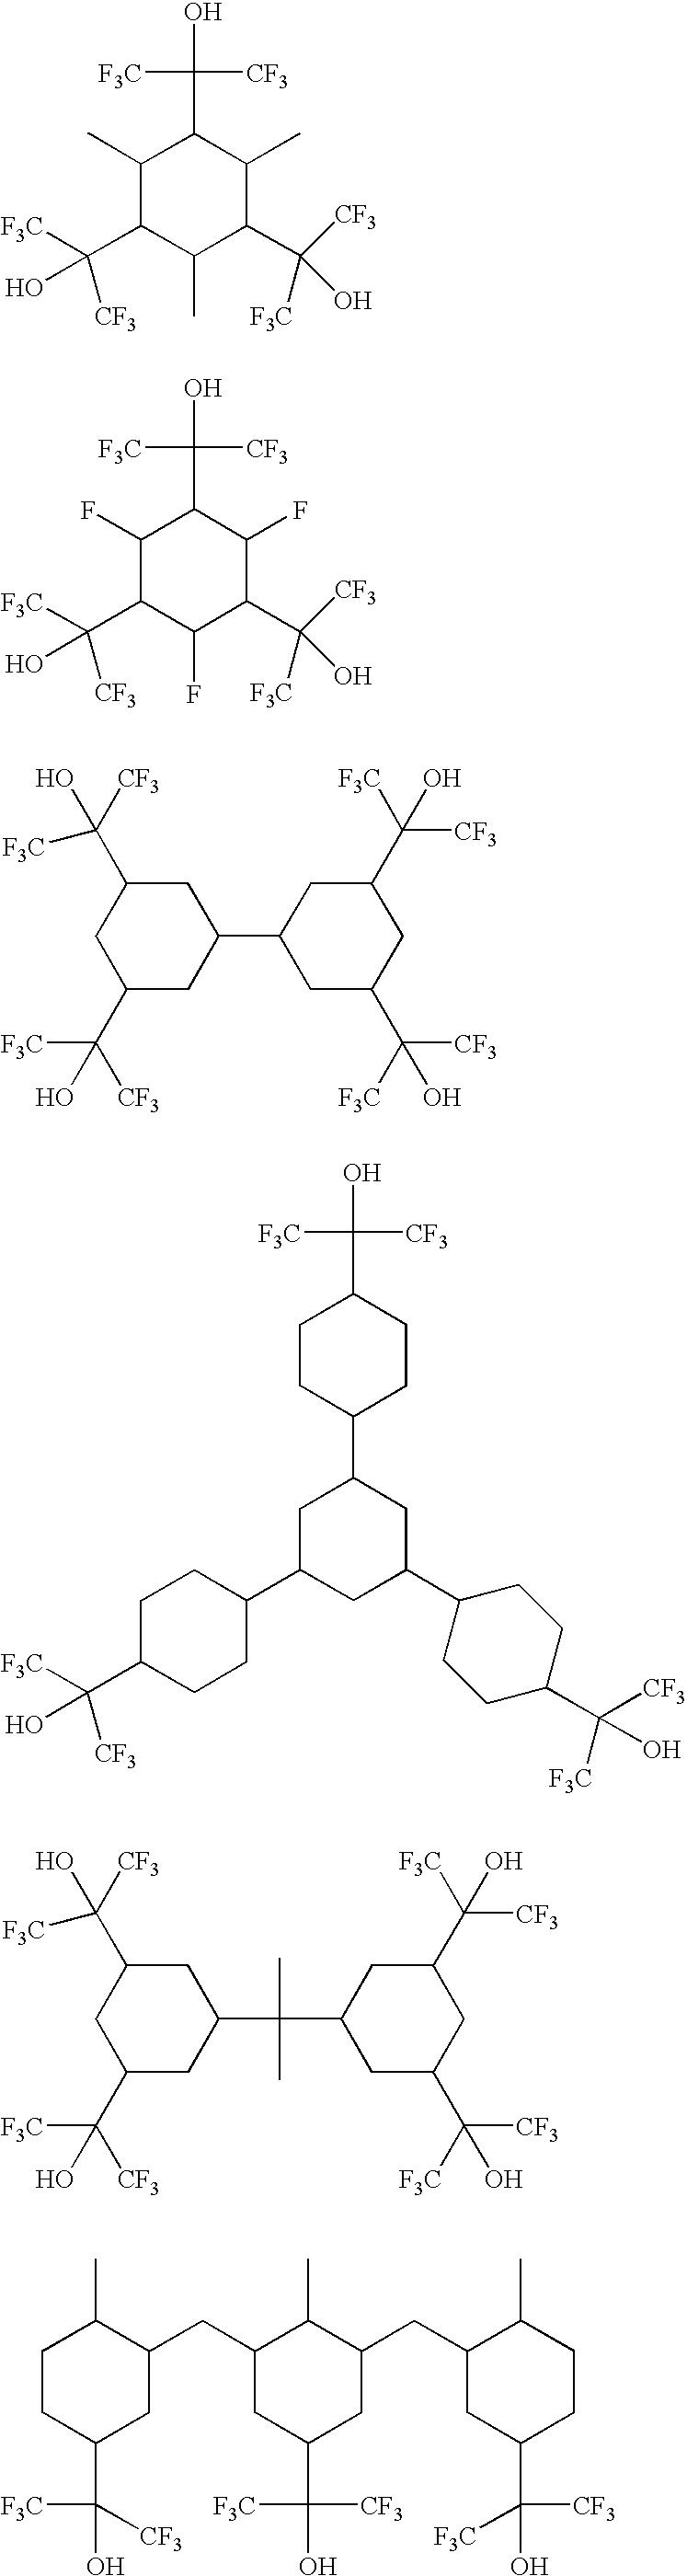 Figure US20080085469A1-20080410-C00029